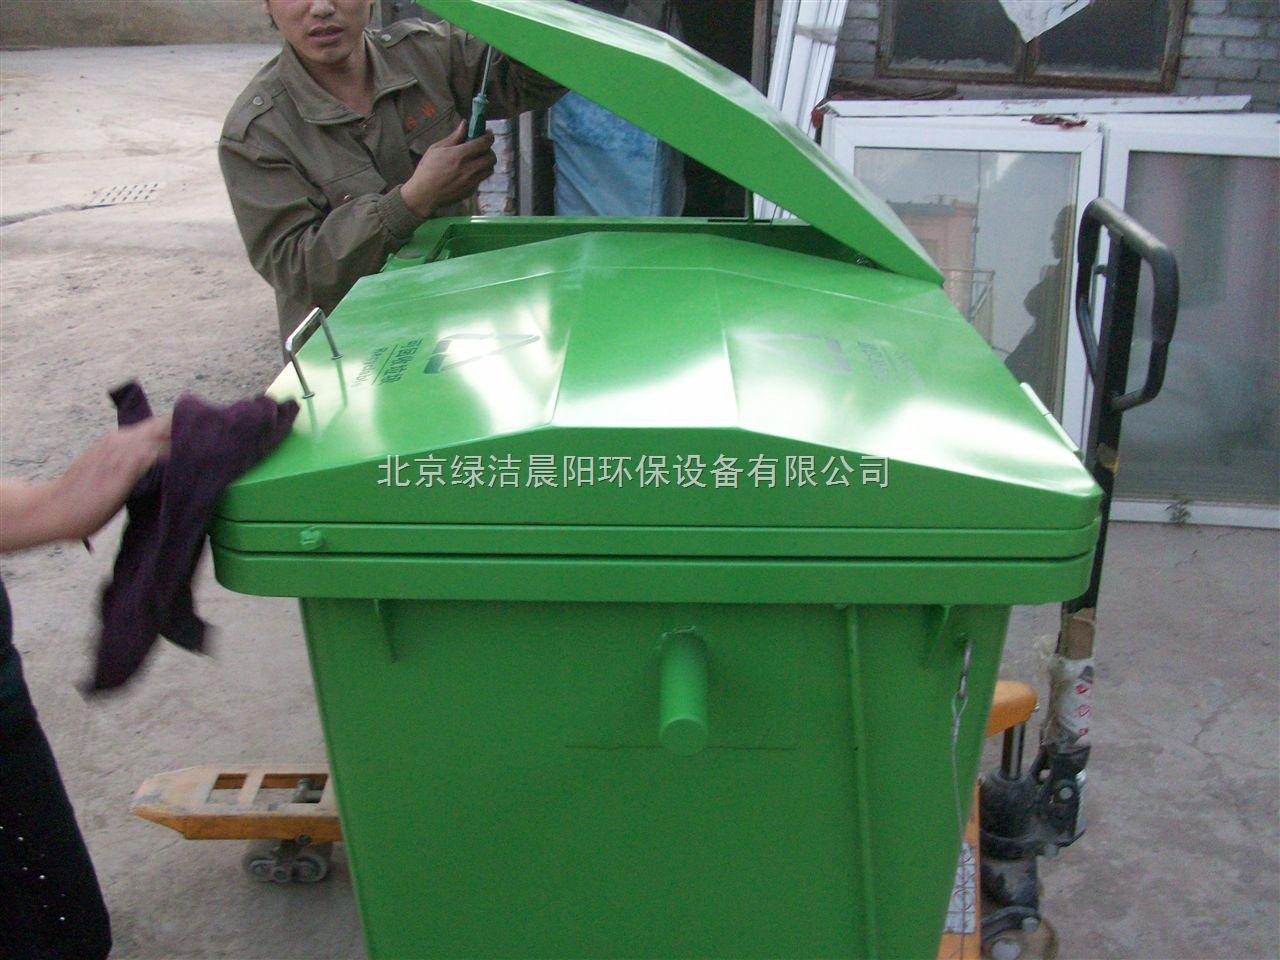 垃圾桶系列   环保塑料垃圾桶;不锈钢垃圾桶;分类